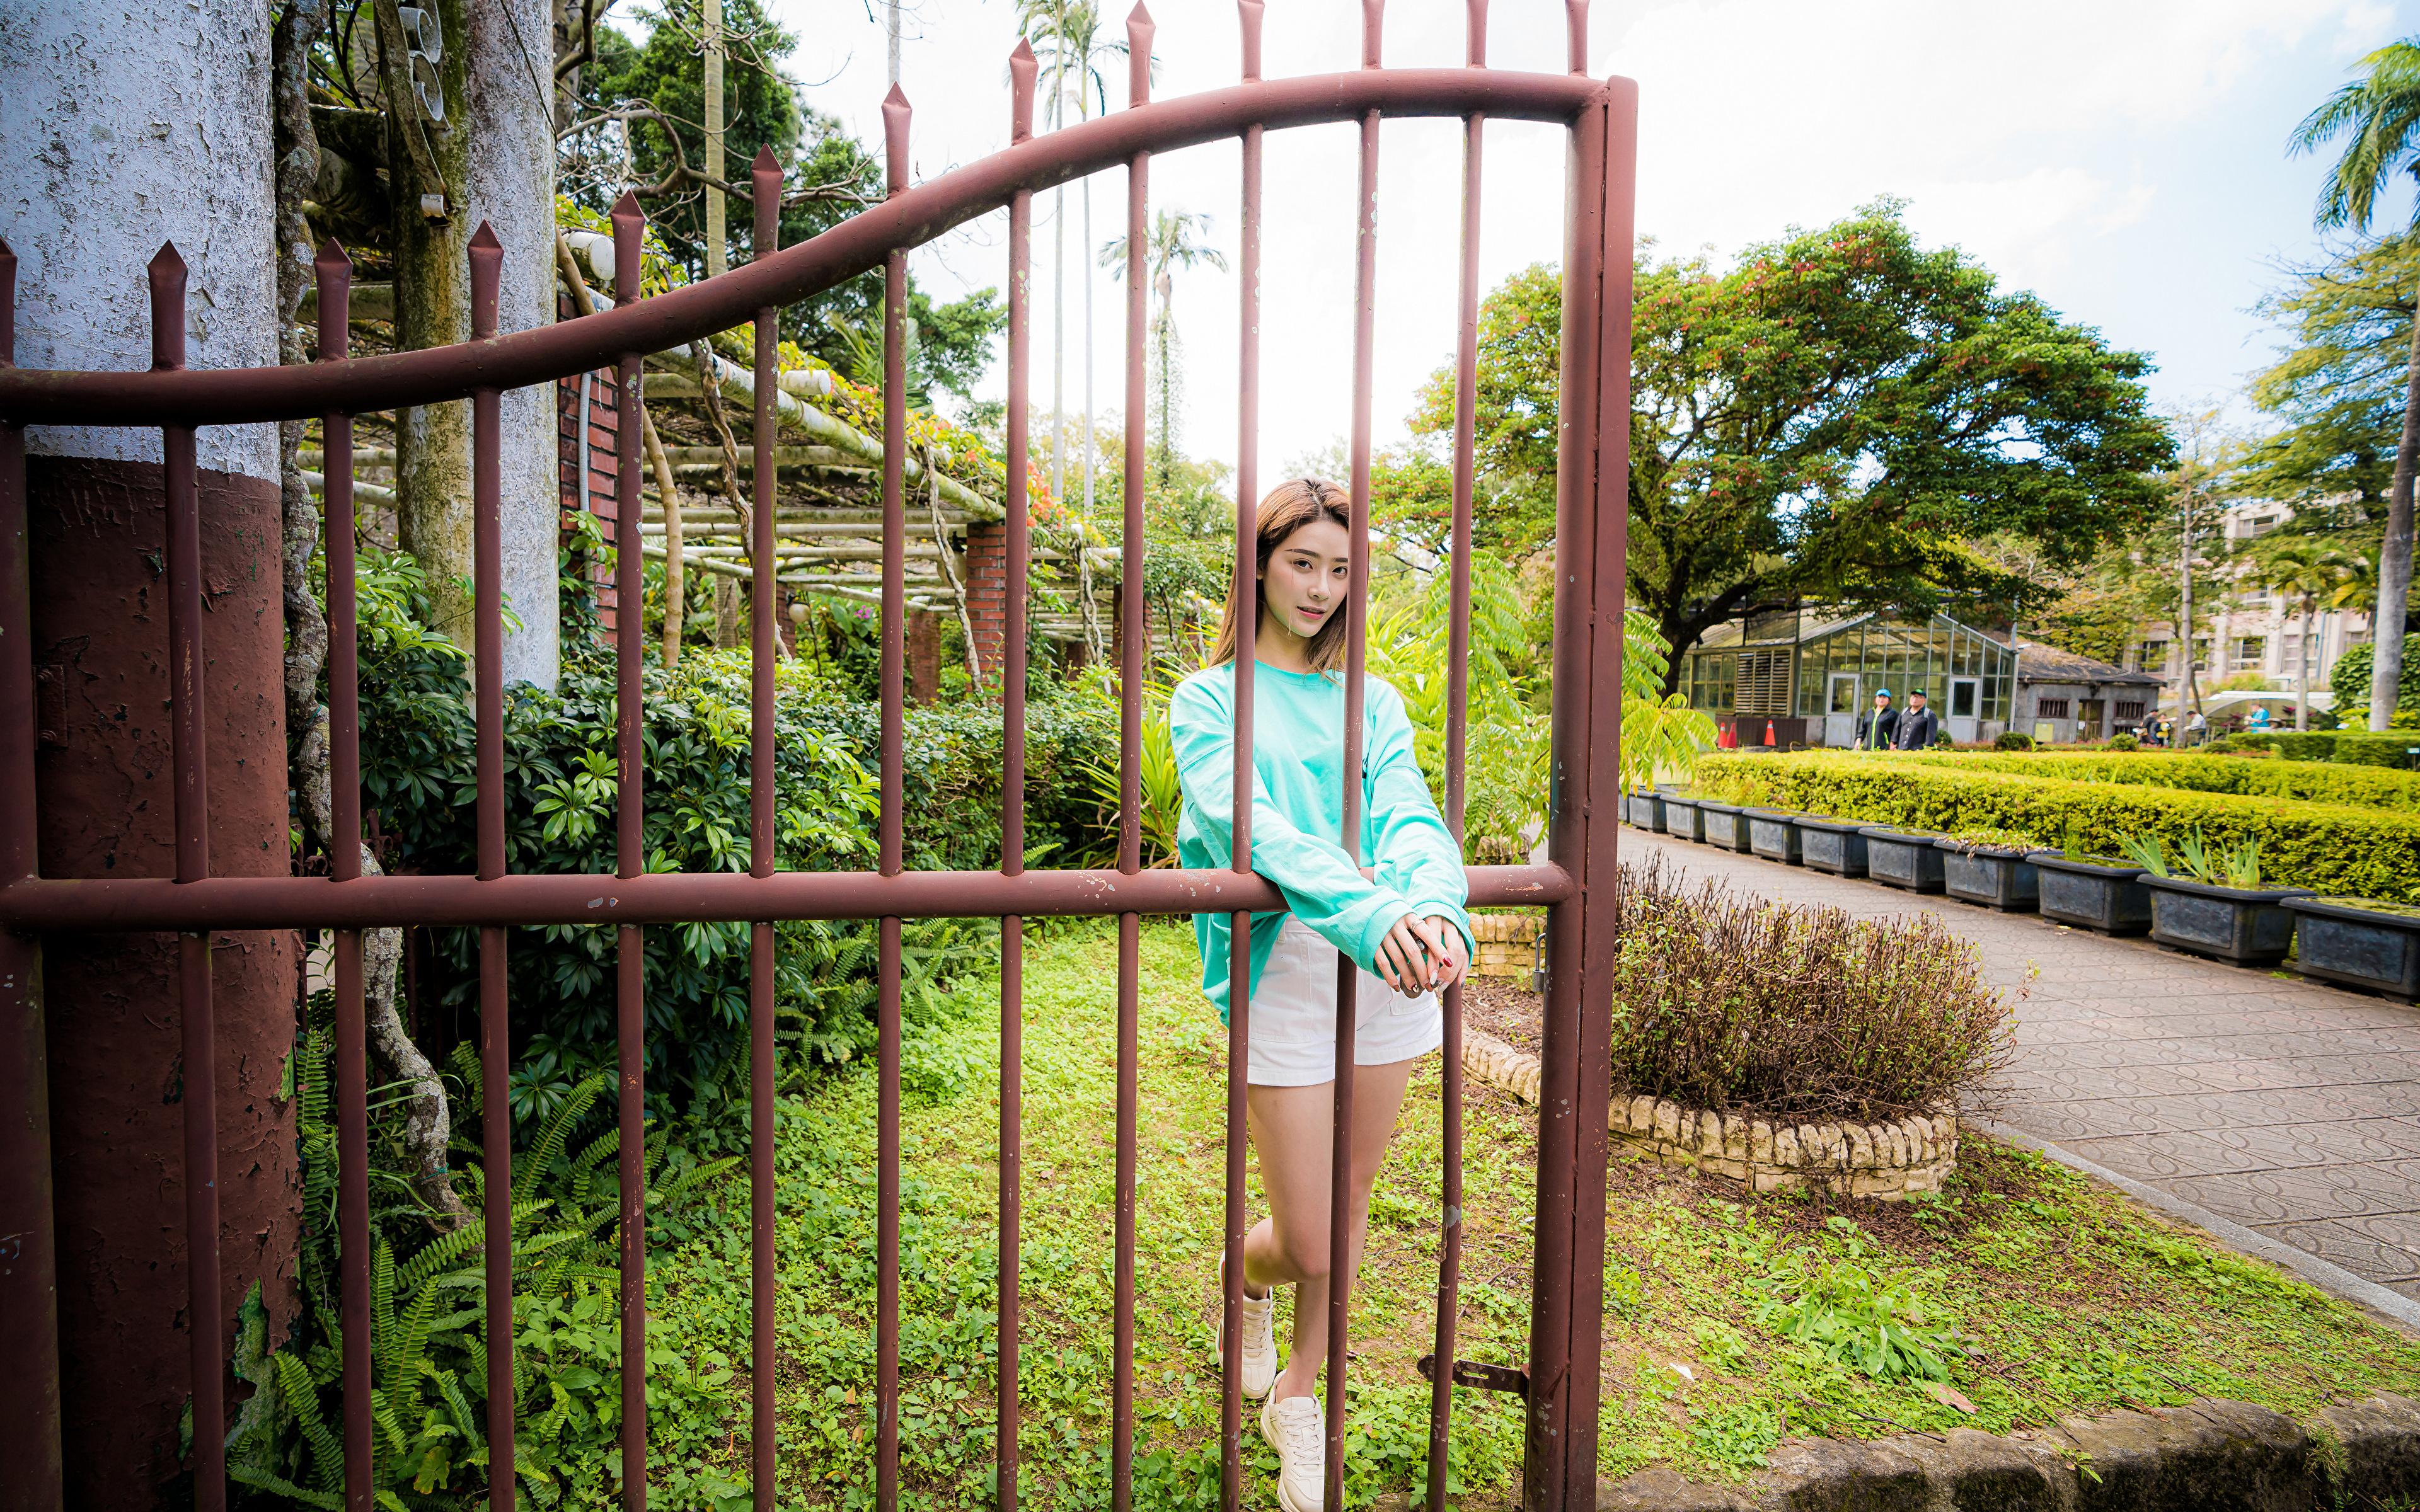 Фото позирует молодые женщины Азиаты забора 3840x2400 Поза девушка Девушки молодая женщина Забор ограда азиатки азиатка забором